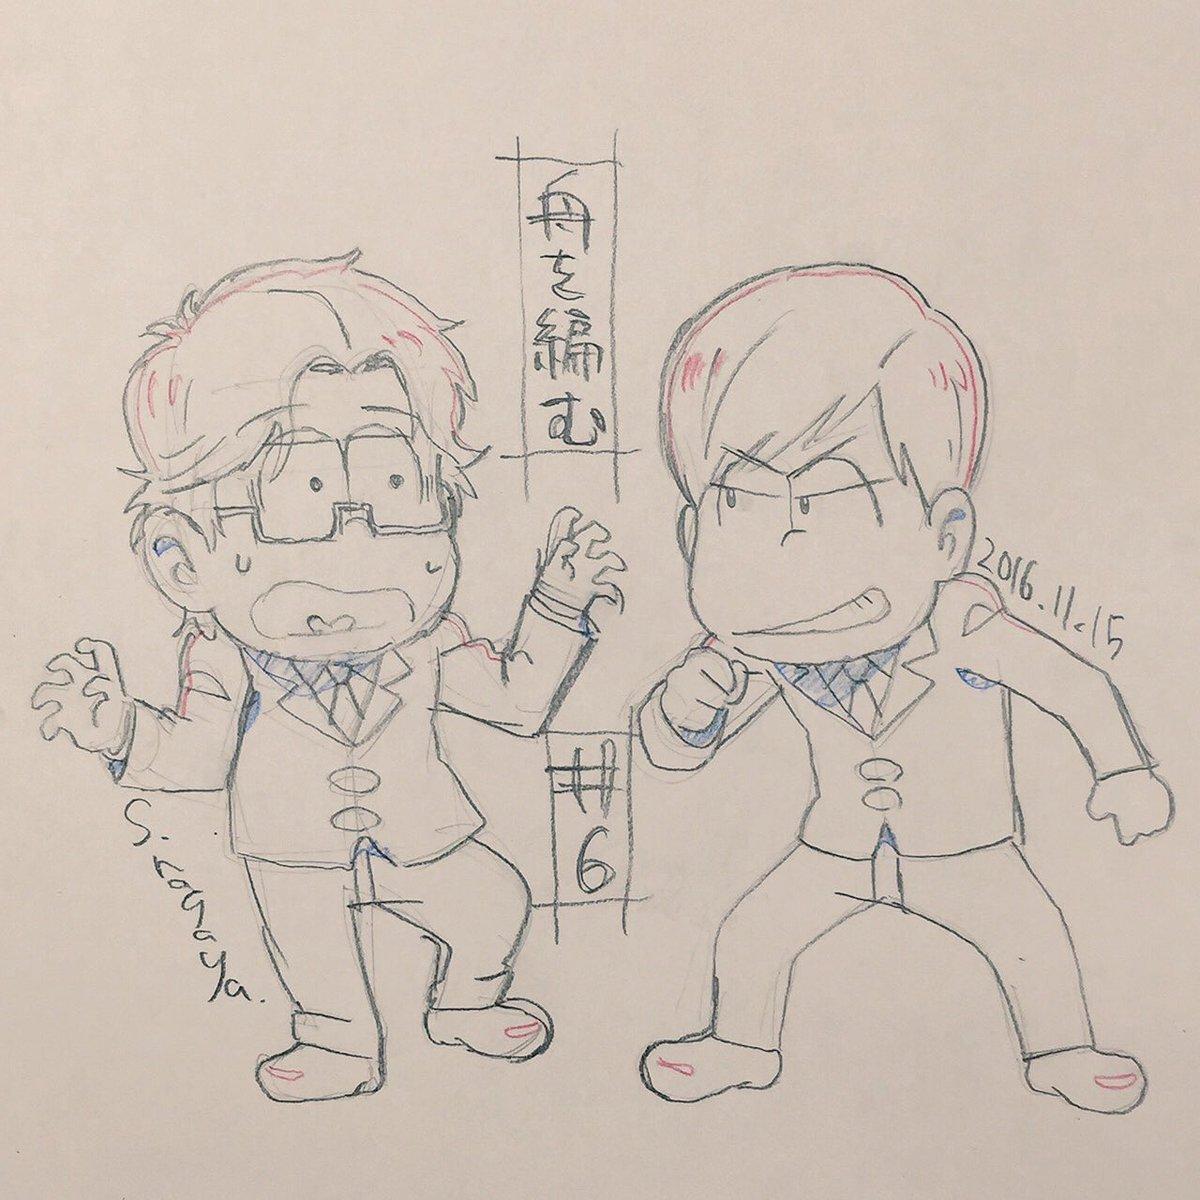 #舟を編む 第6話『共振』今週放送です〜。今回の作画監督はおそ松さんキャラデの浅野直之さんです。ということで、おそ松なら